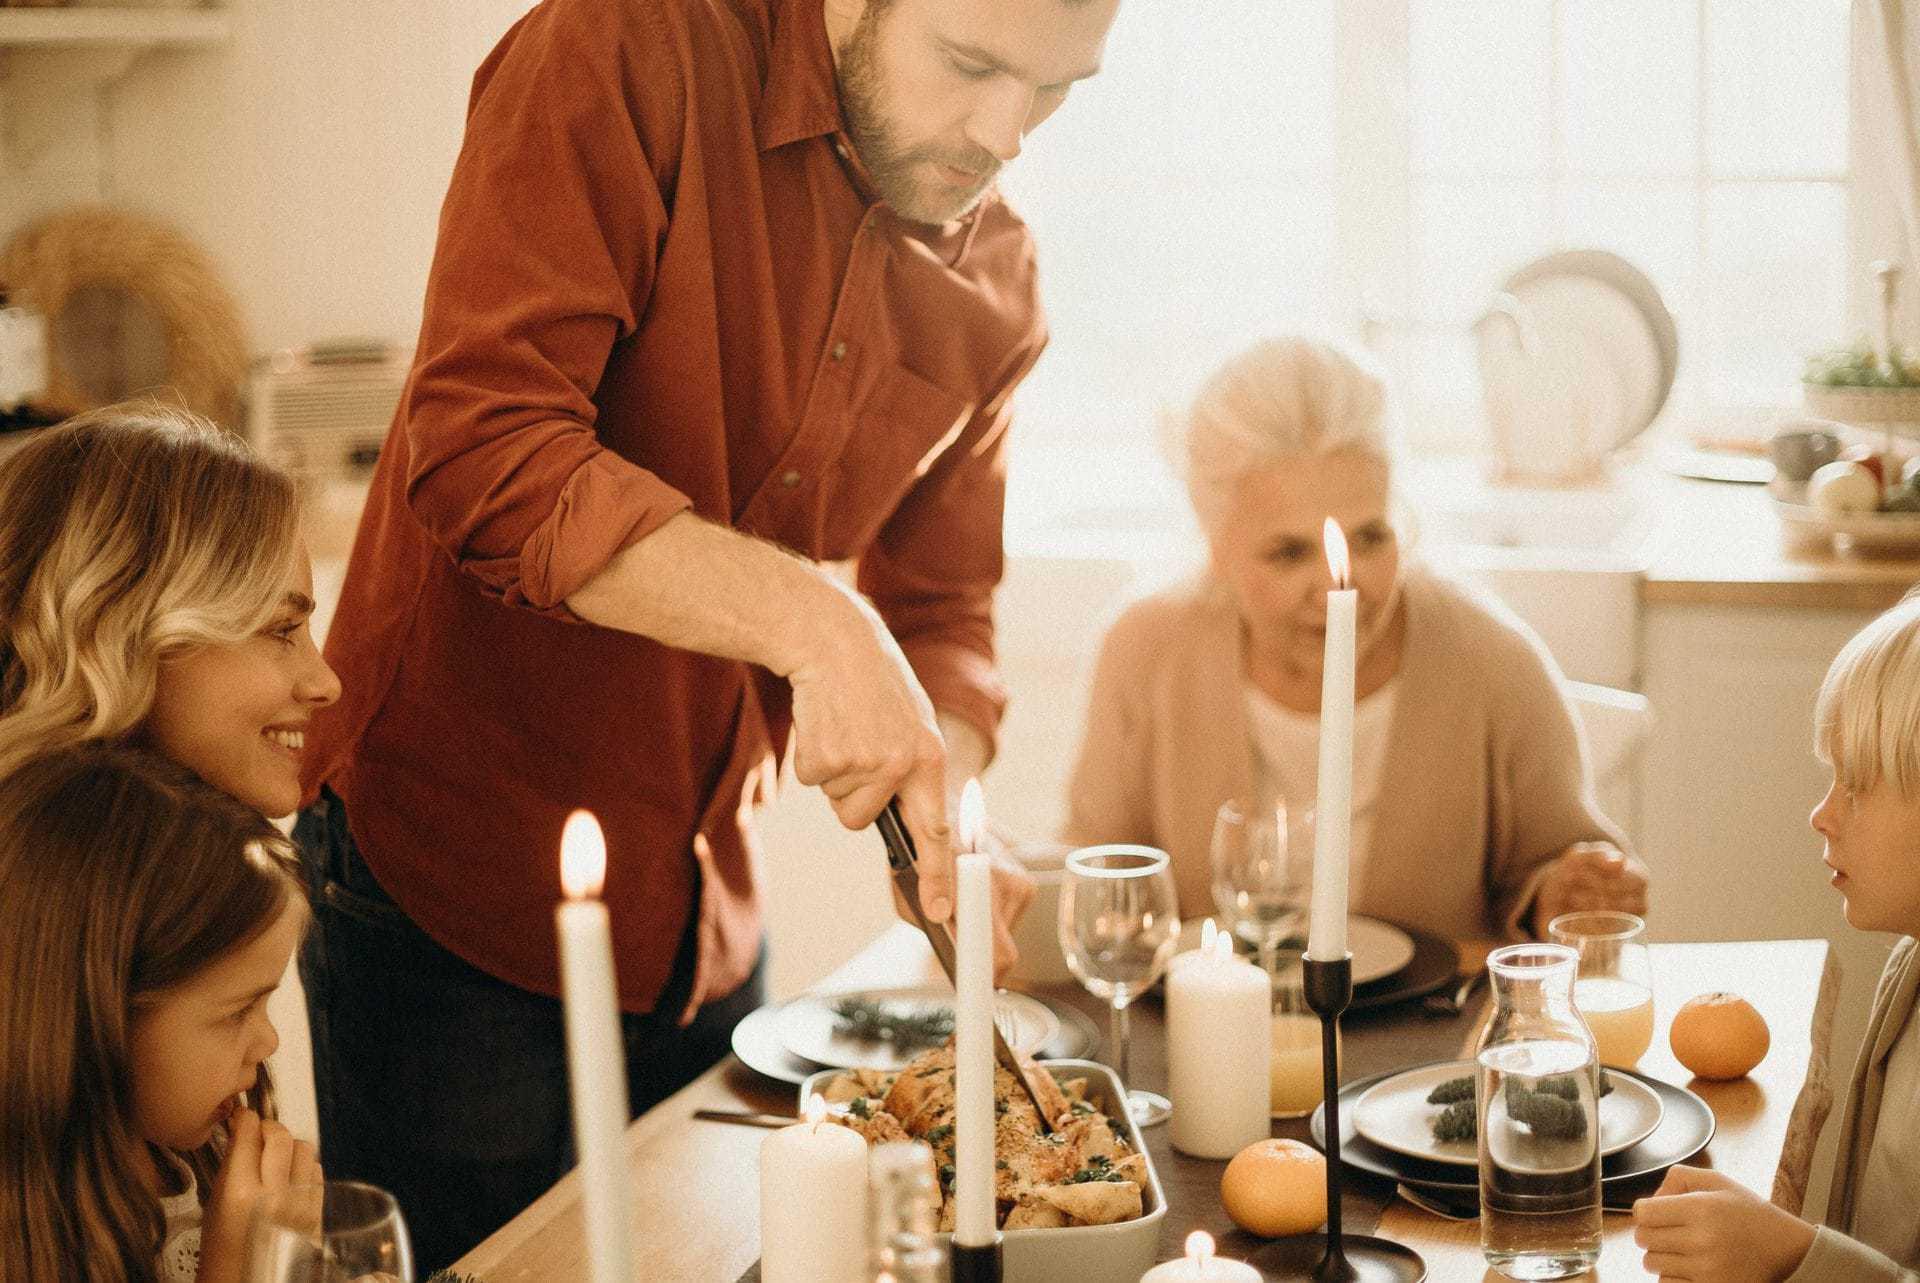 Weihnachten ohne Stress und Streit Das Fest der hohen Erwartungen - so wird es ein Erfolg